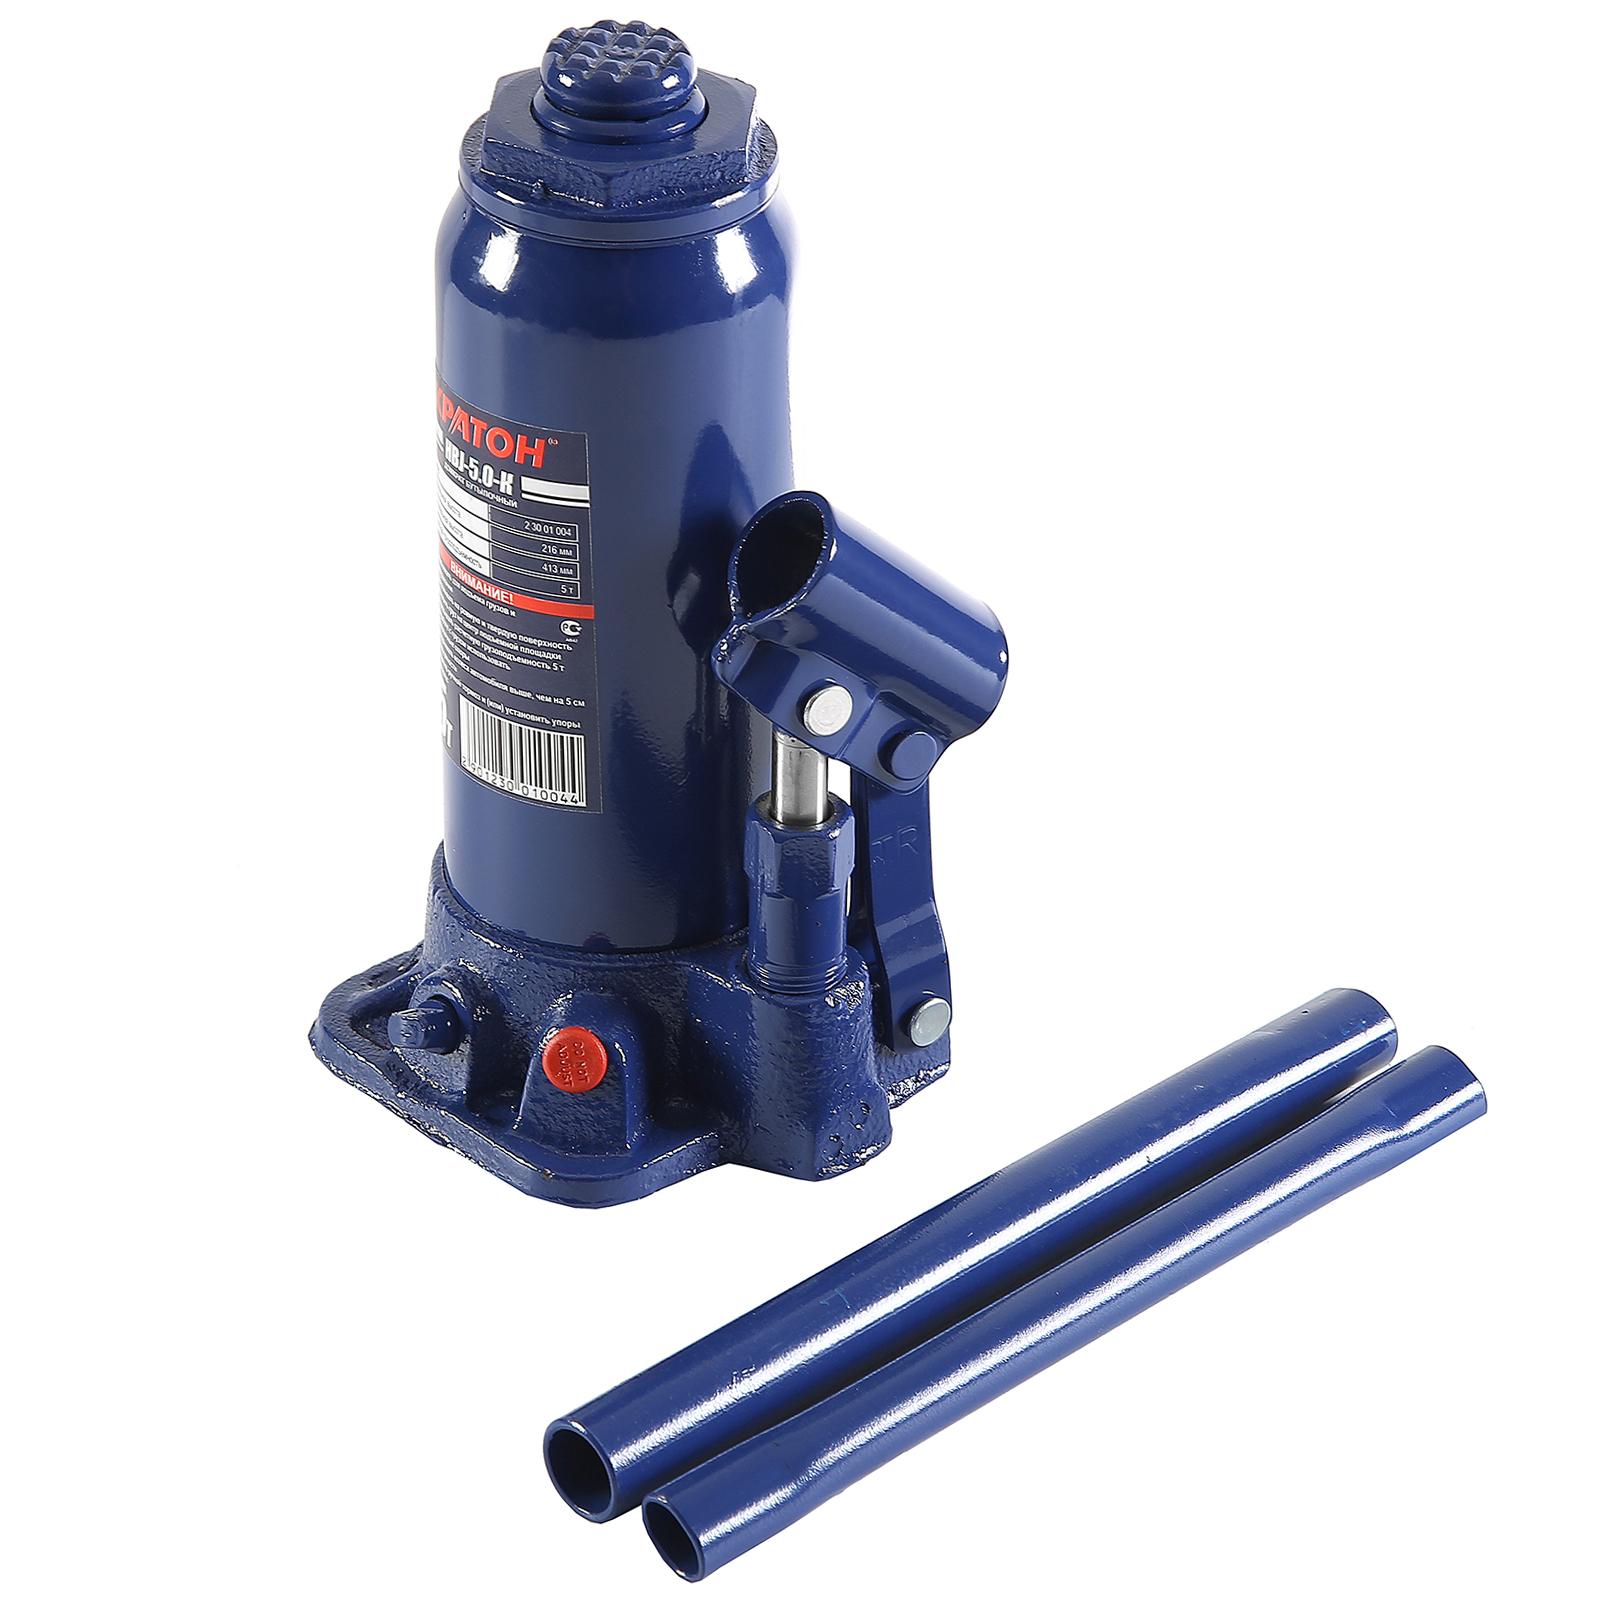 Бутылочный гидравлический домкрат КРАТОН Hbj-5.0-k домкрат гидравлический бутылочный sparta 2т 148 278мм 50321